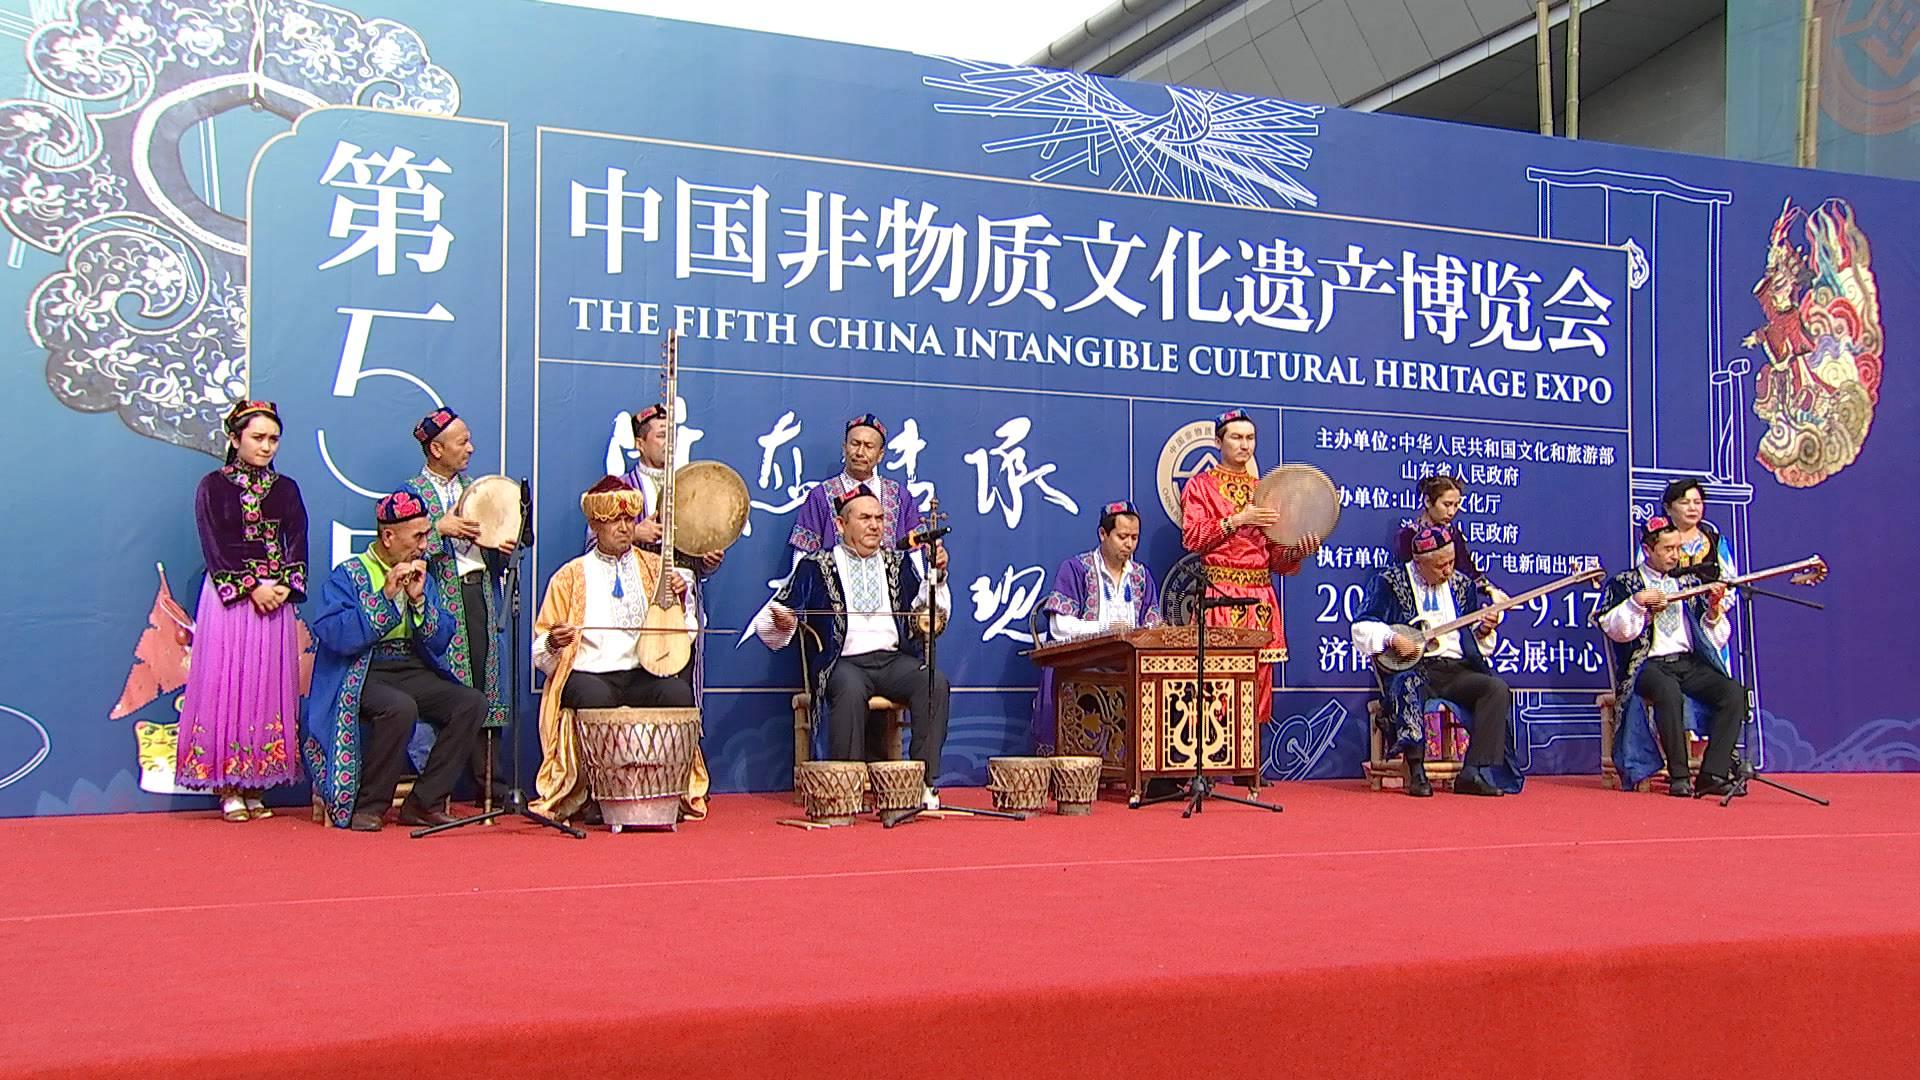 领略匠心魅力 大饱视觉眼福!第五届中国非物质文化遗产博览会盛大开幕